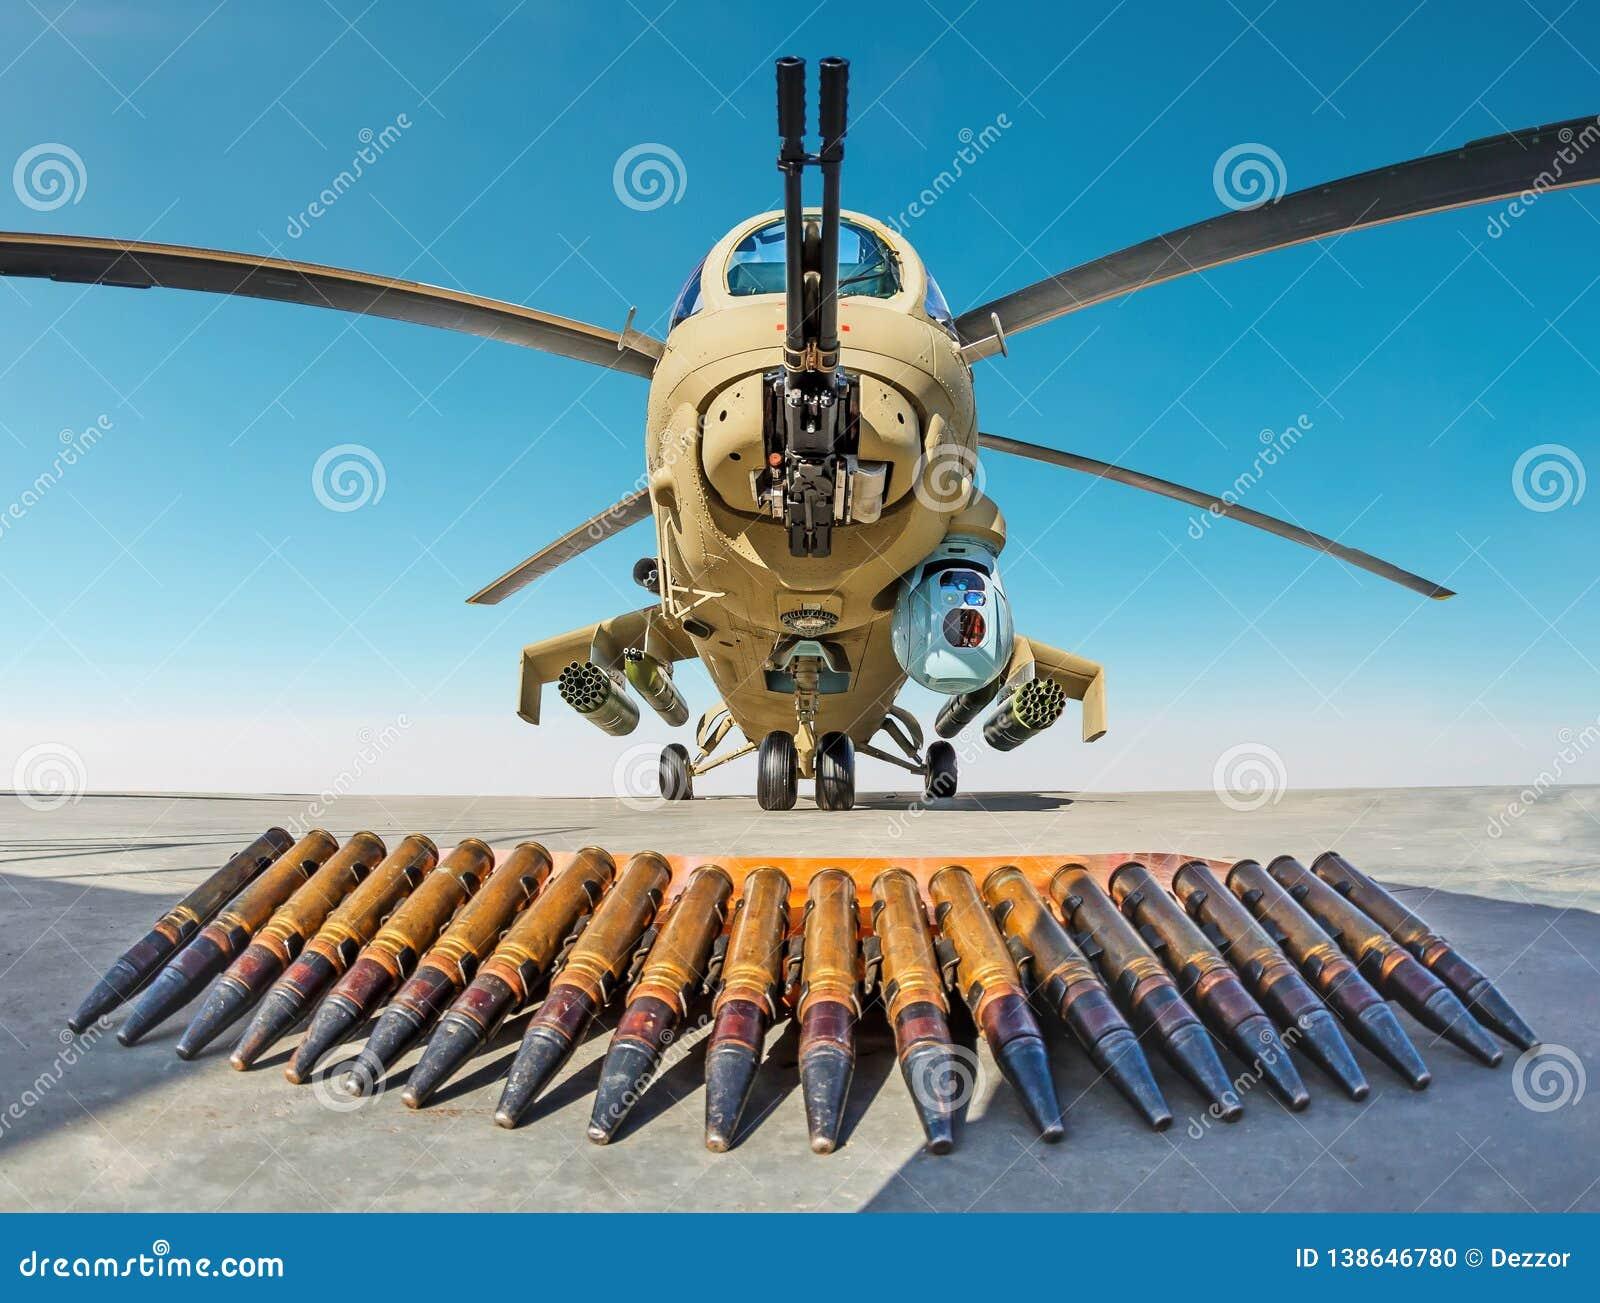 Hélicoptère de combat militaire avec des coquilles de munitions au sol